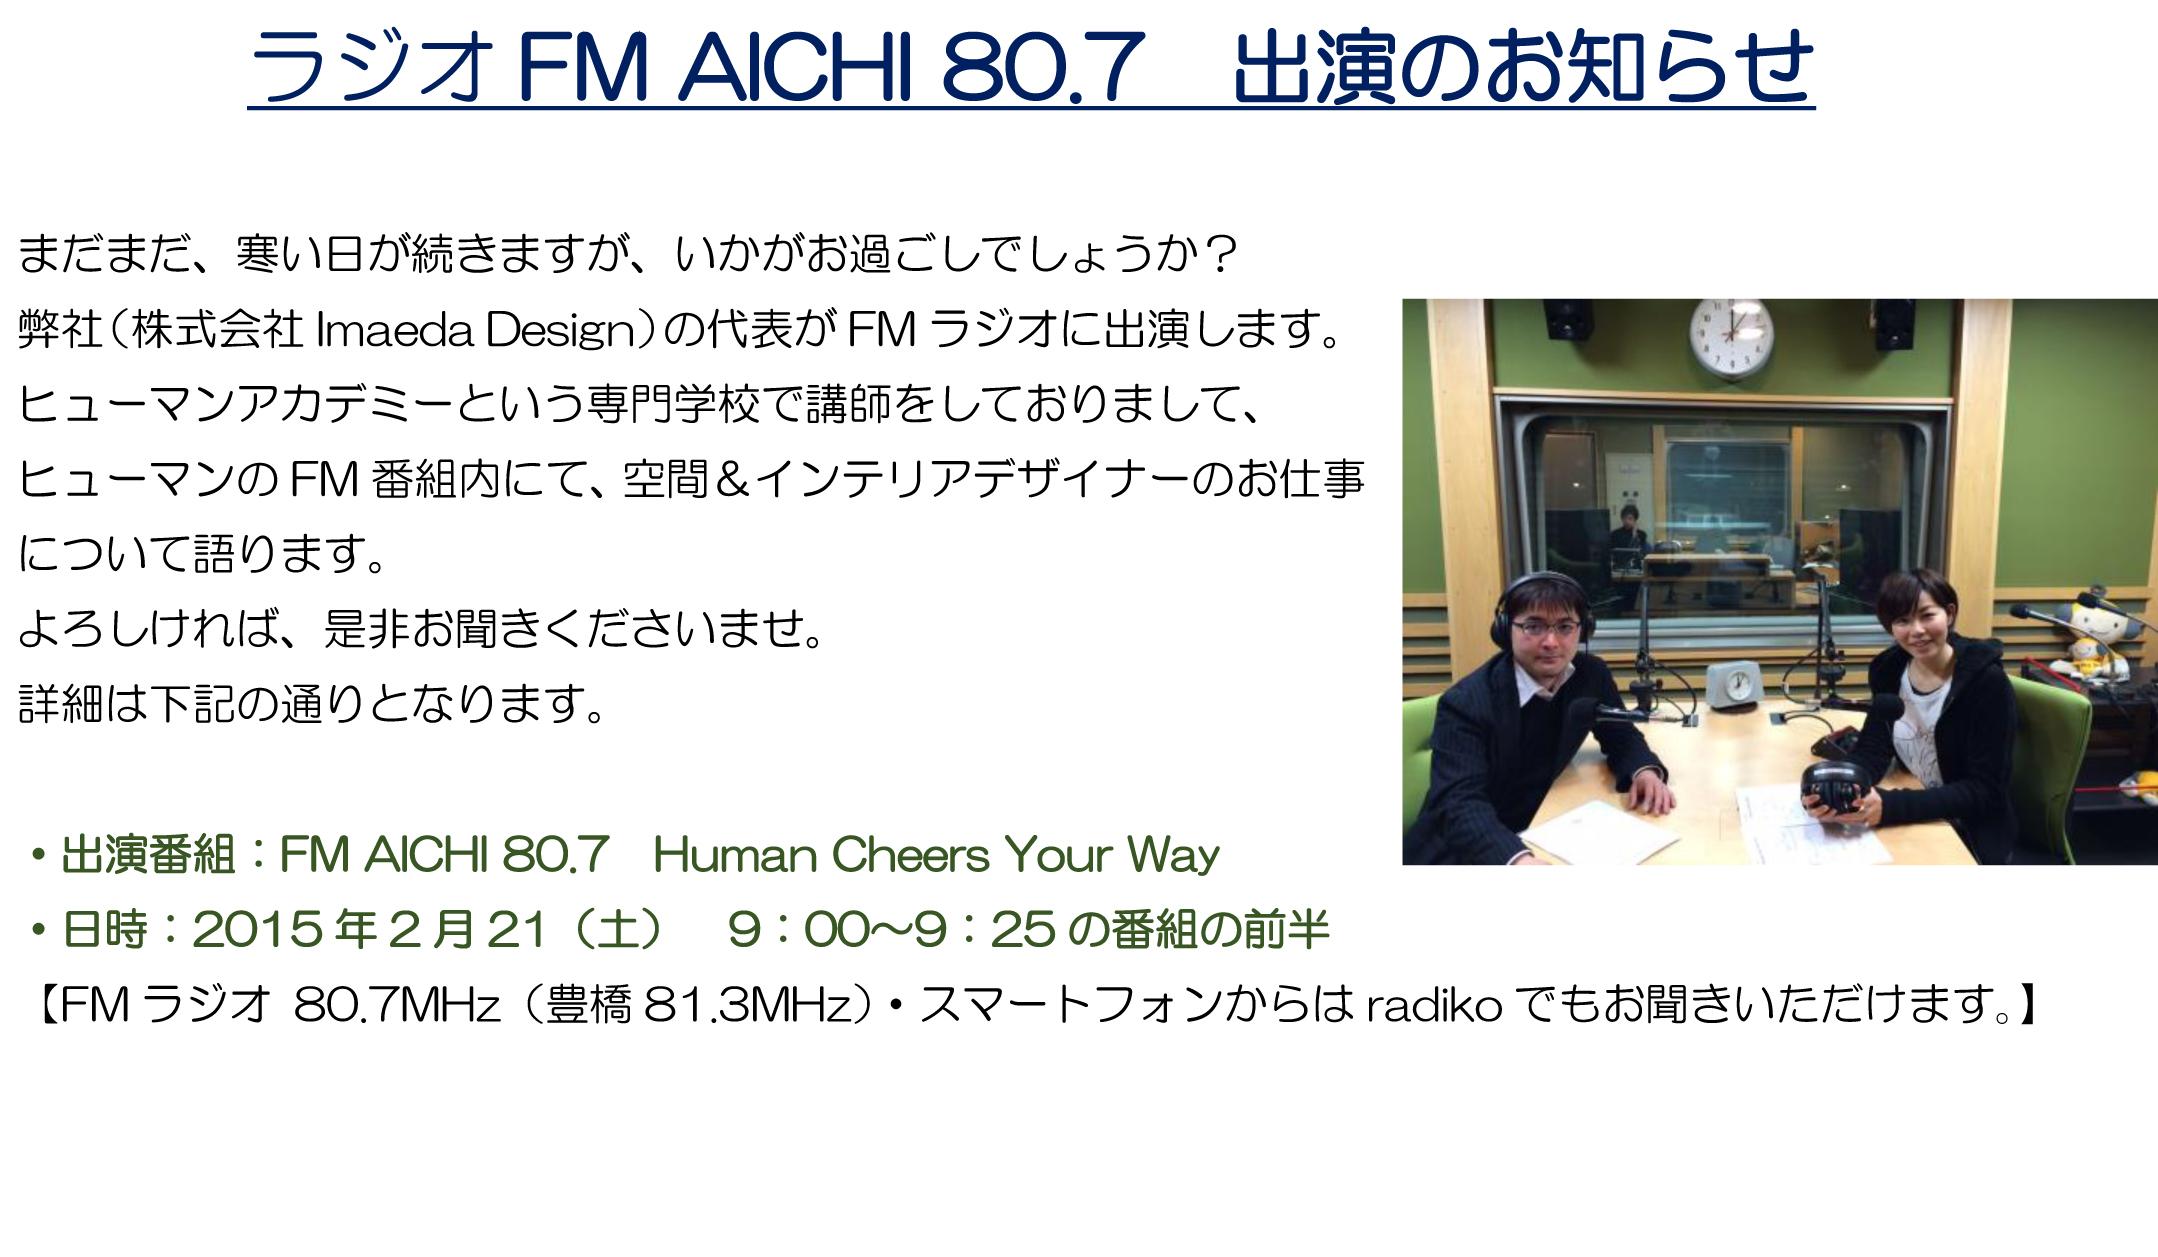 FM AICHI 80.7 出演